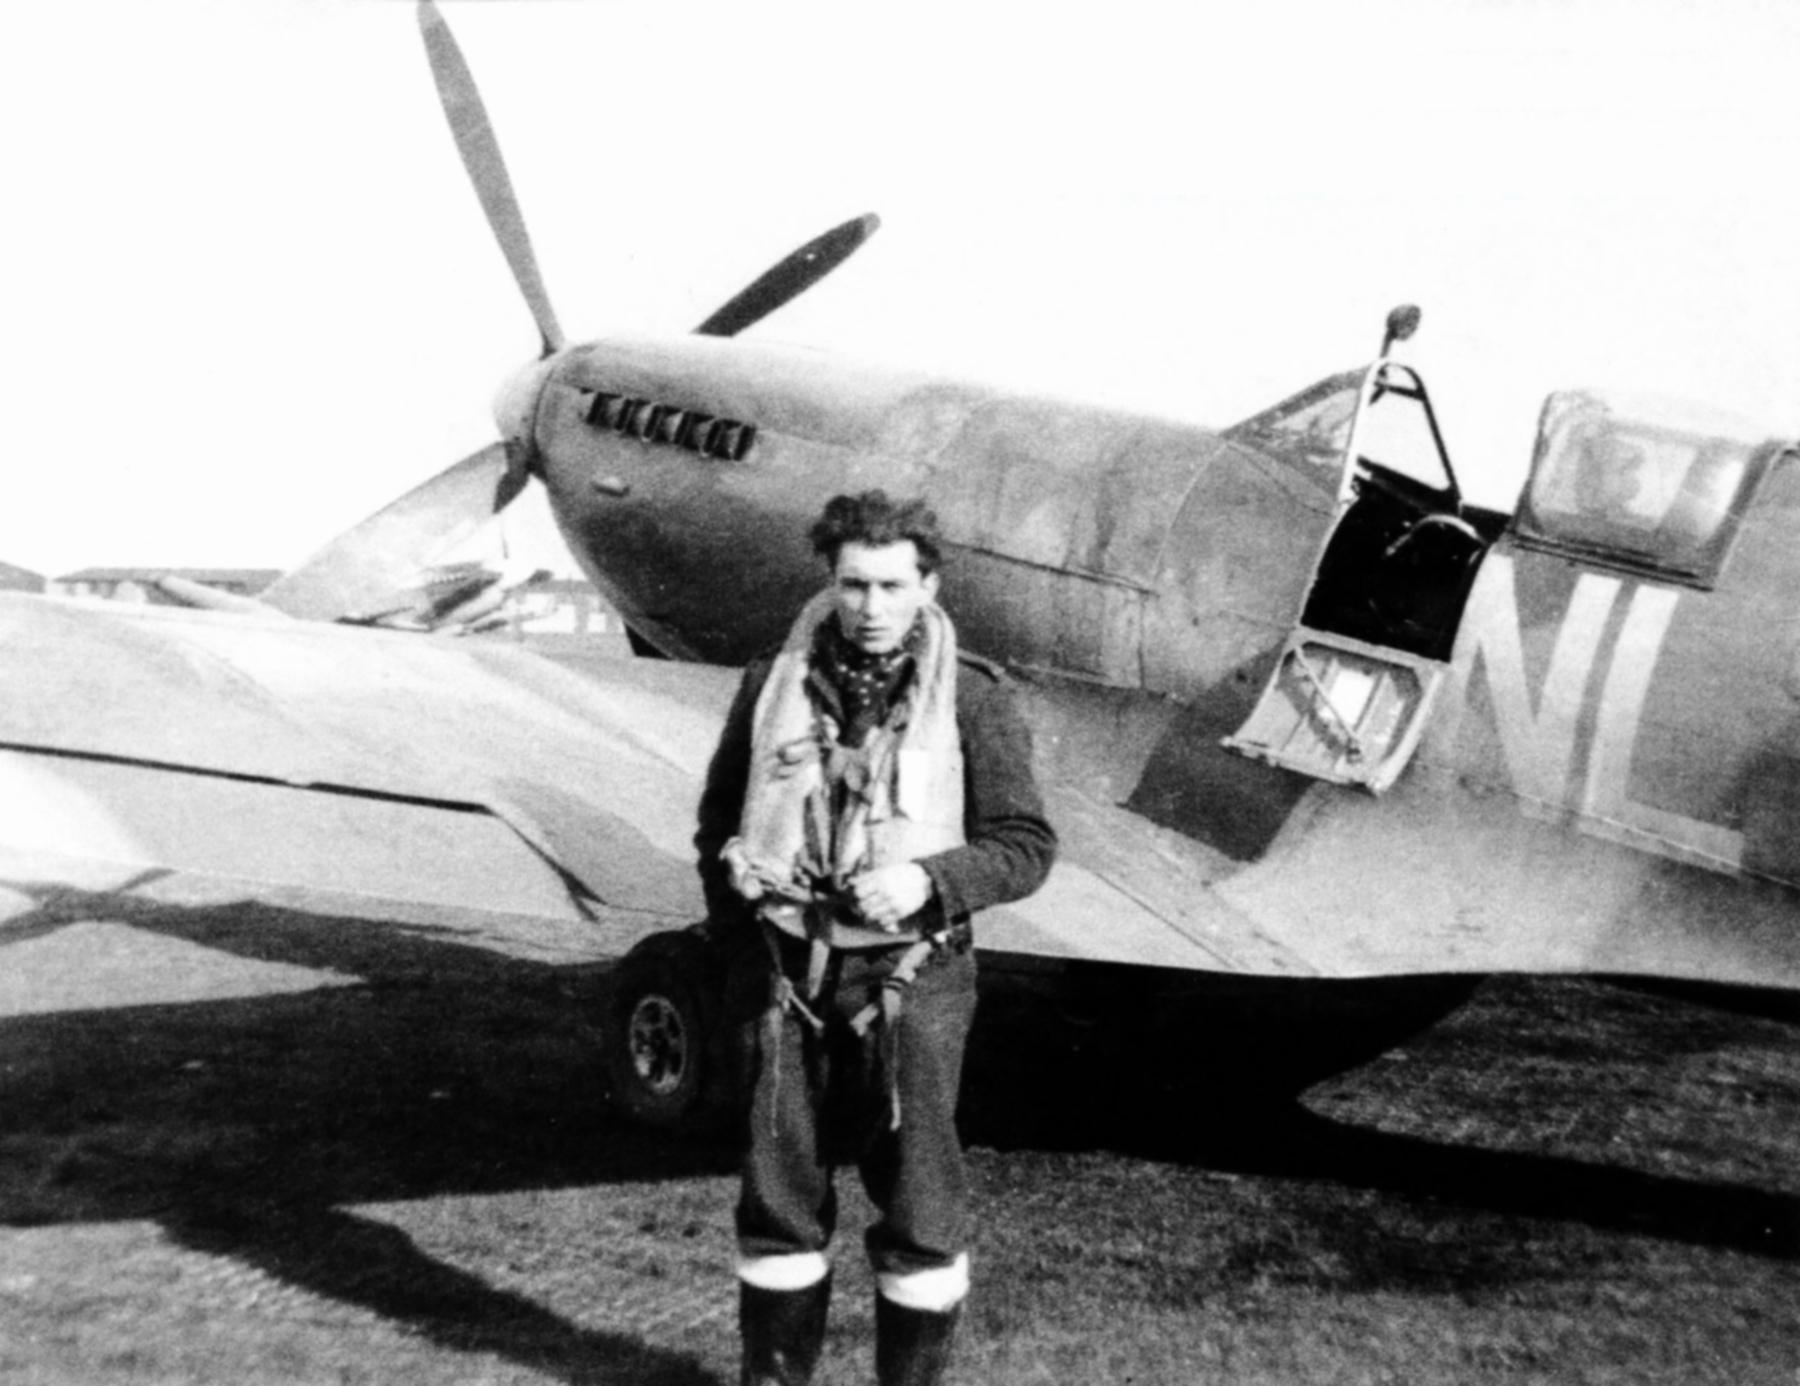 Spitfire LFIX RAF 341Sqn NLN George Lents Merston Chichester Sussex June 1944 01